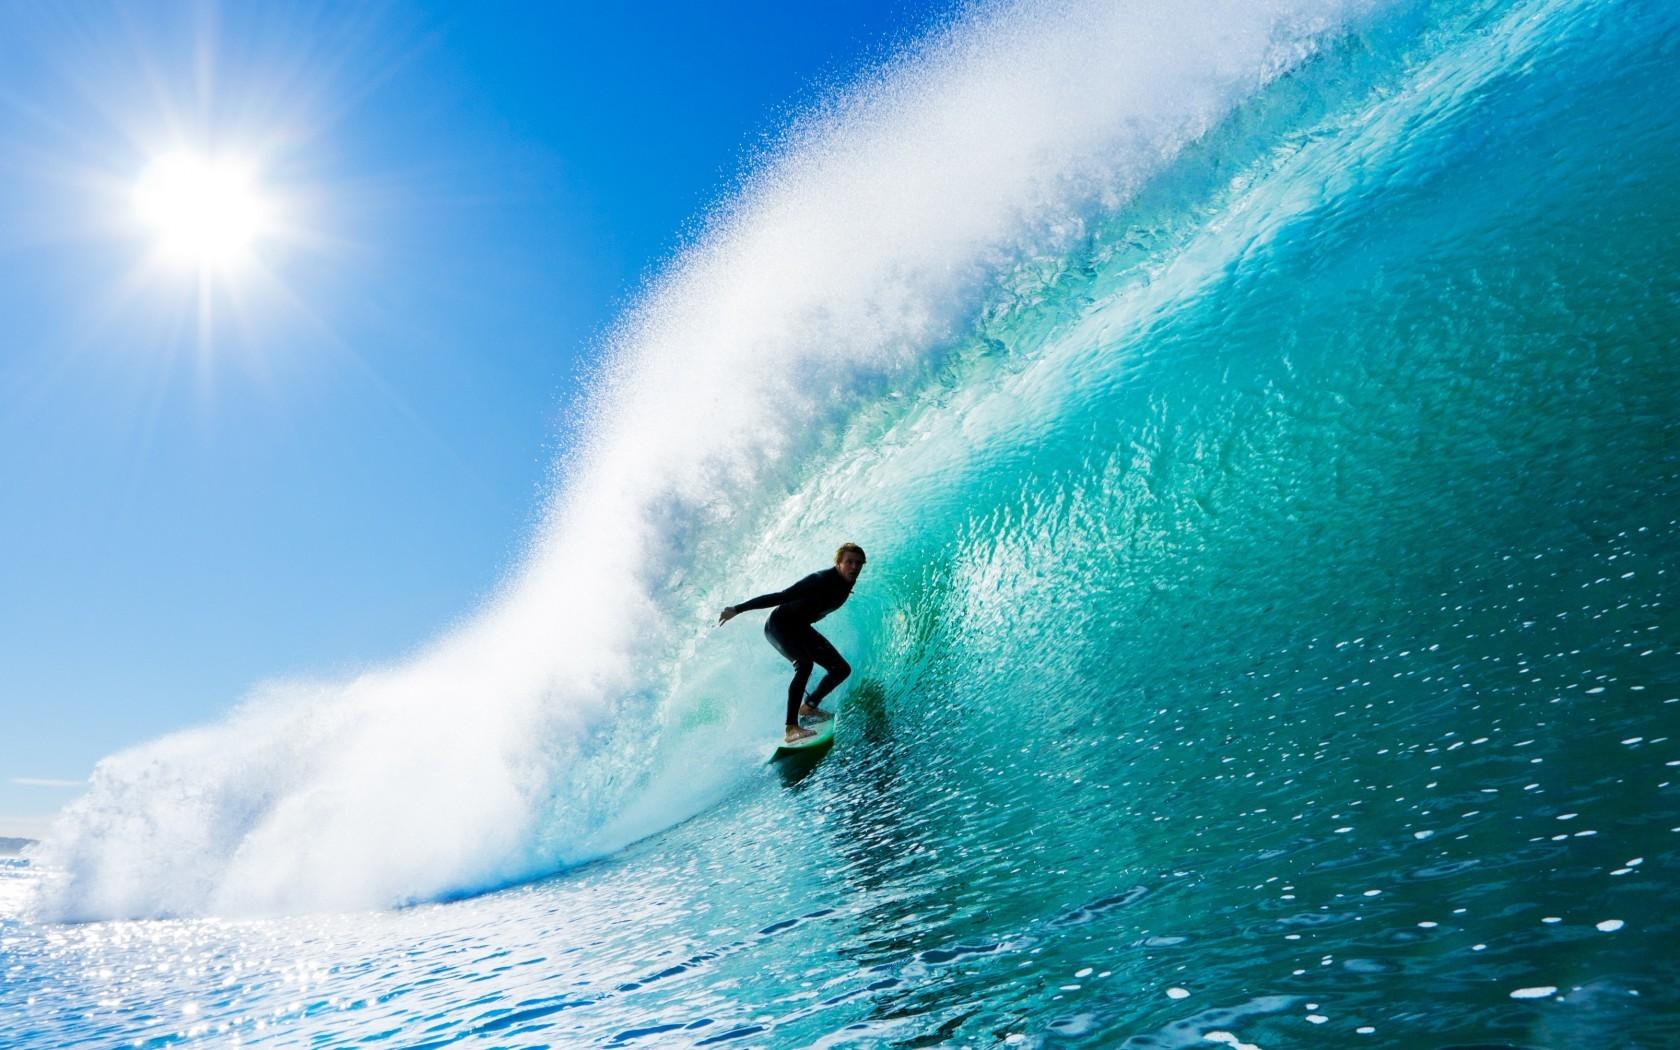 20389 скачать обои Спорт, Люди, Море, Мужчины, Волны, Серфинг - заставки и картинки бесплатно